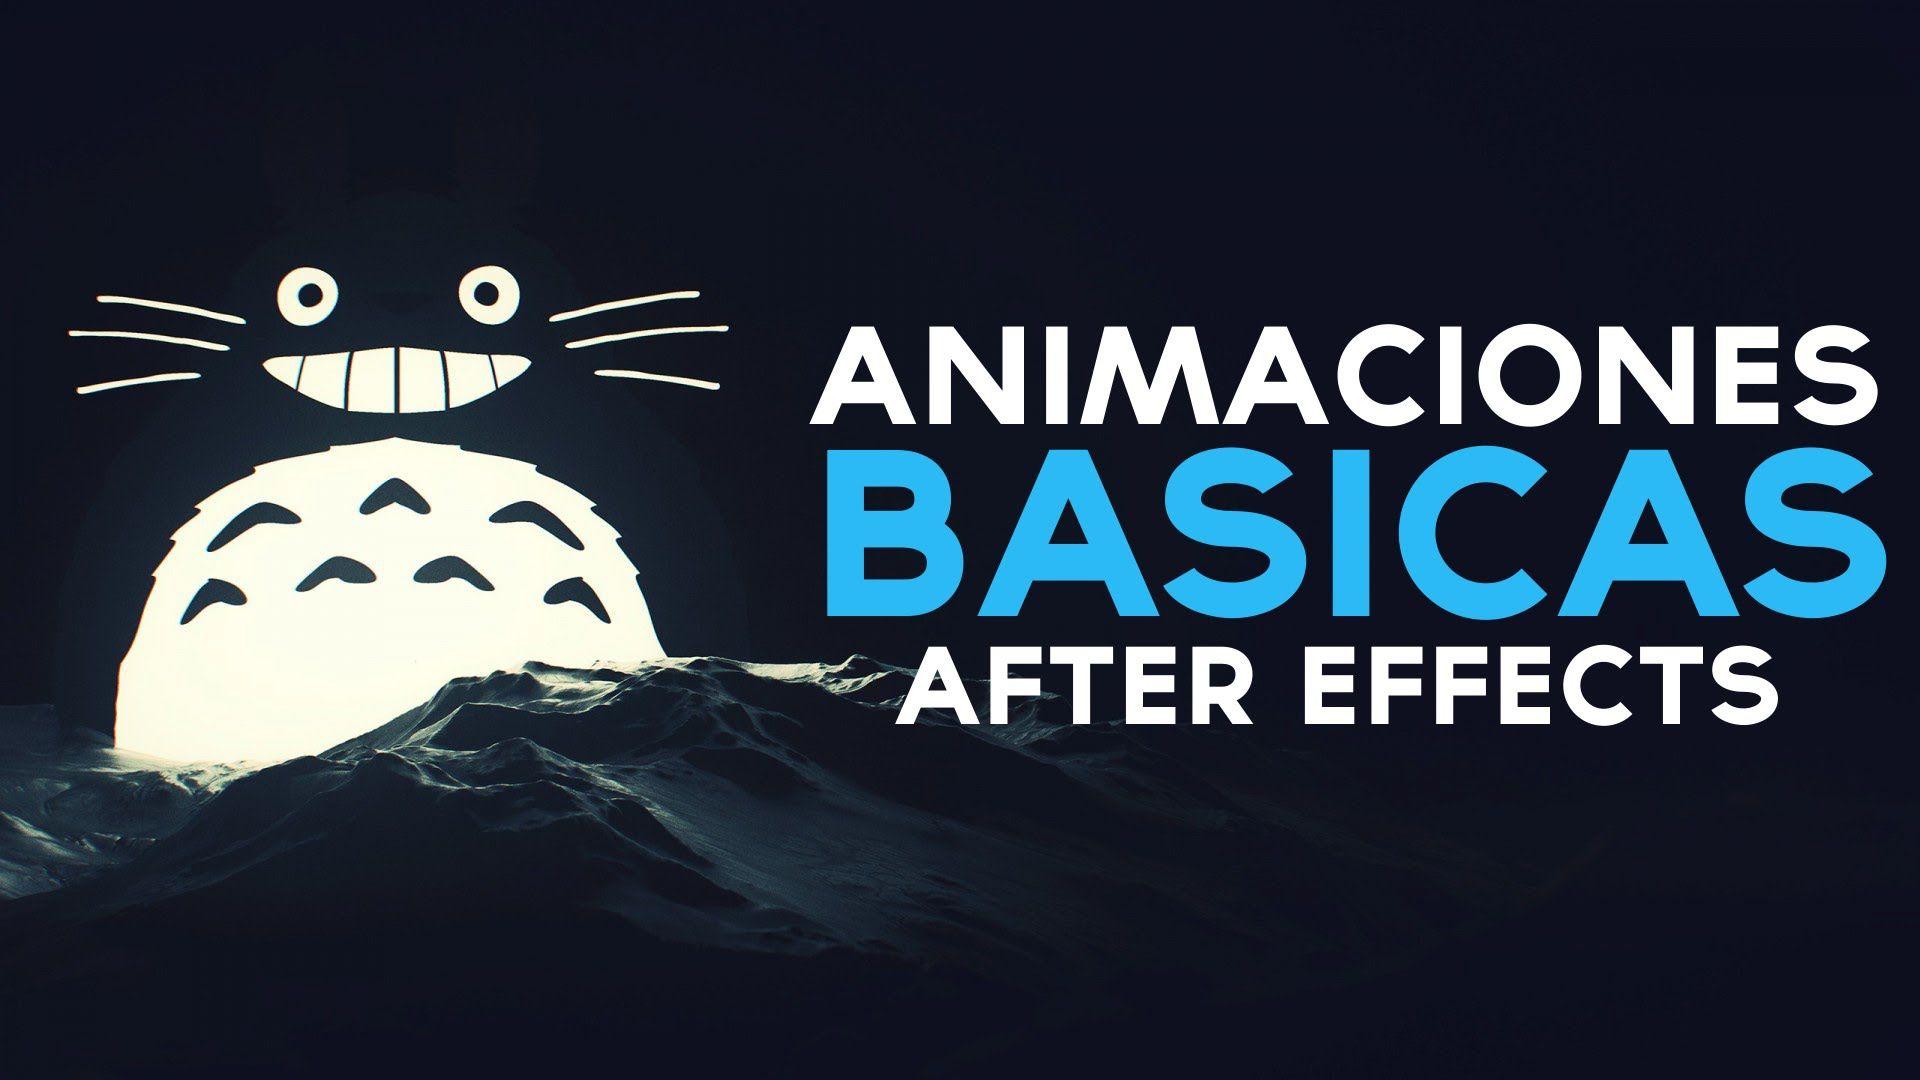 Hola En Este Video Tutorial Aprenderemos Un Poco Mas Sobre Animaciones Basicas En After Effects No Olvides Su Editor De Imagenes Como Animar Animacion Digital